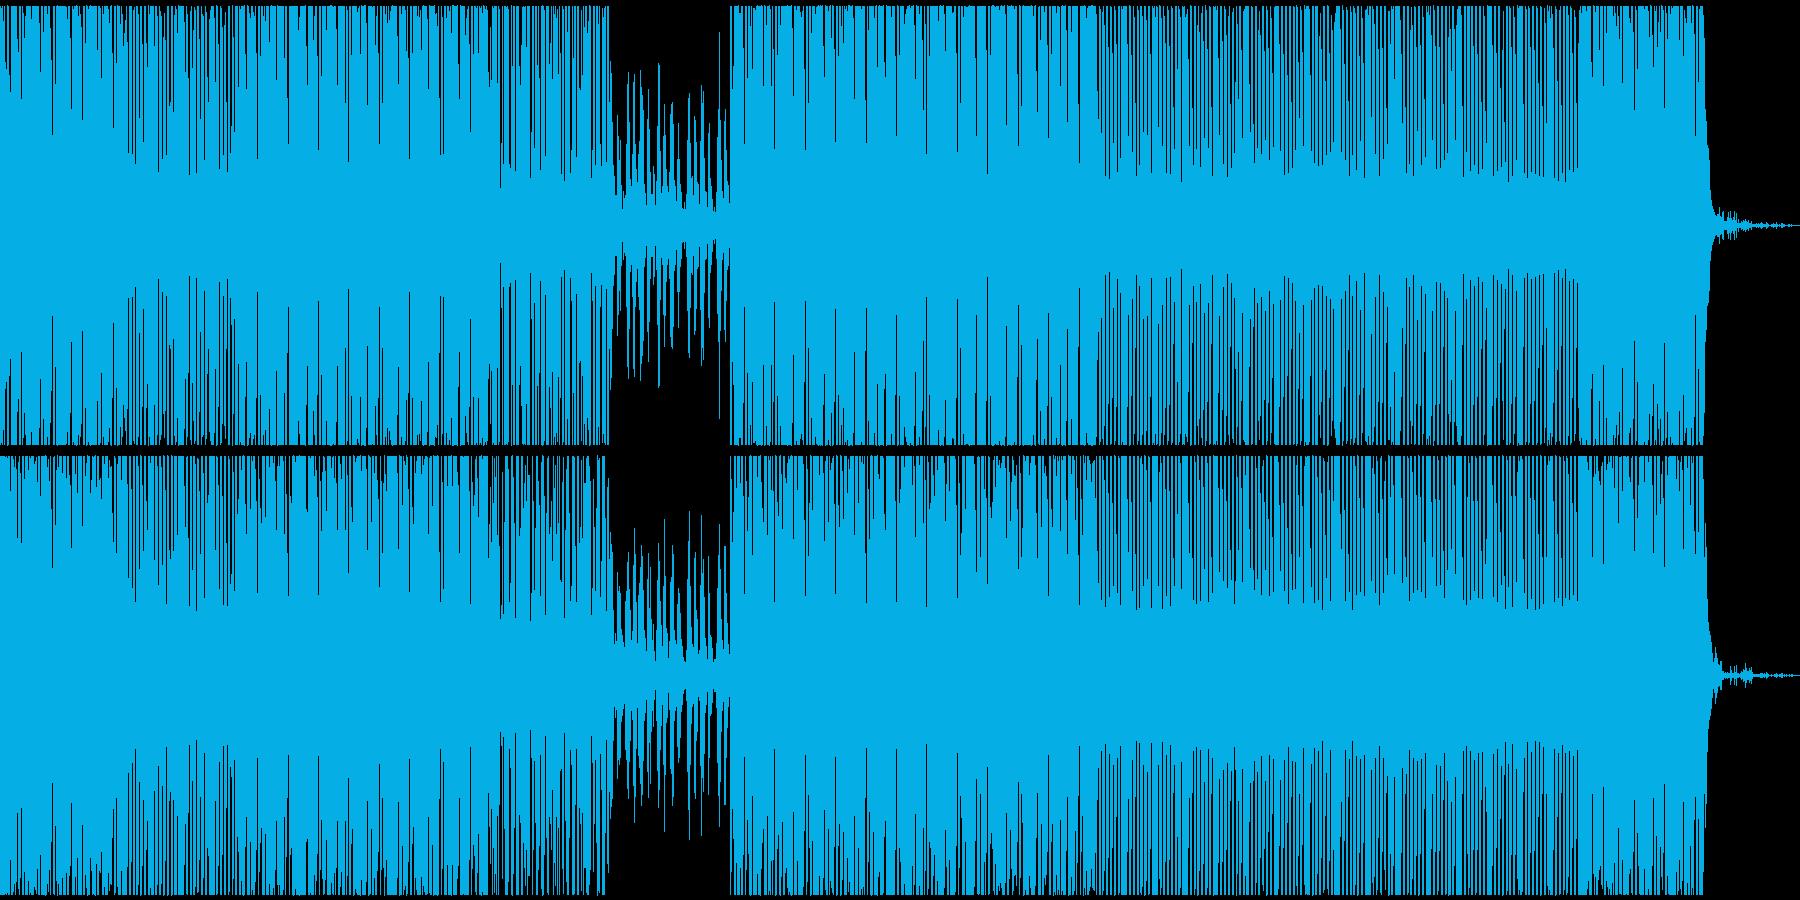 暗く明るい中立なテクノEDMサウンドの再生済みの波形